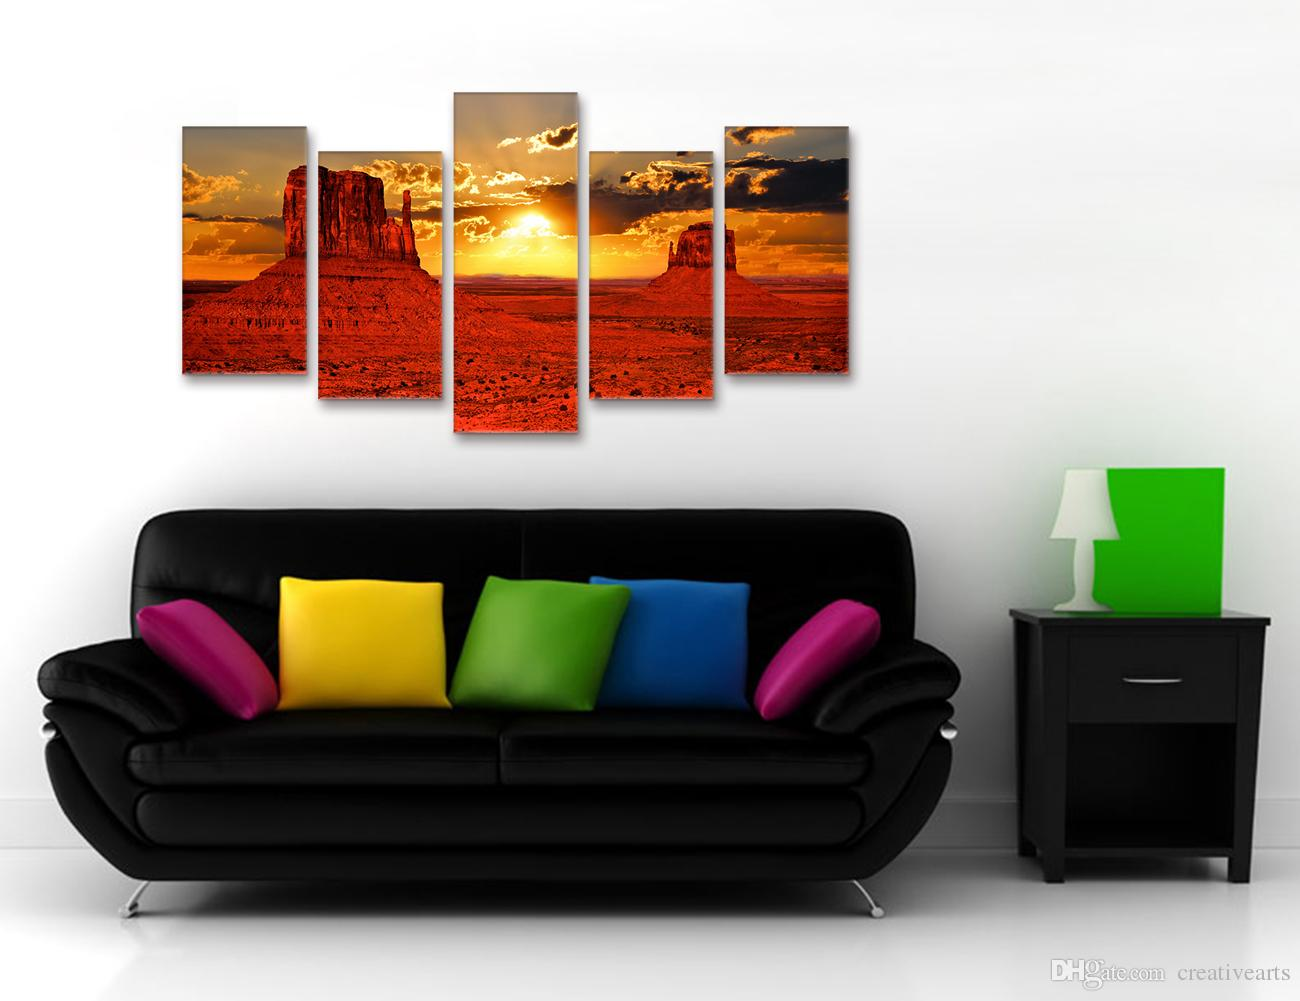 Doğa Manzarası Günbatımı Fotoğrafçılığı Baskı Amerikan Manzara Anıt Vadi Fotoğraf Tuval Baskı DIY için Olmayan Çerçeve 5 Parça